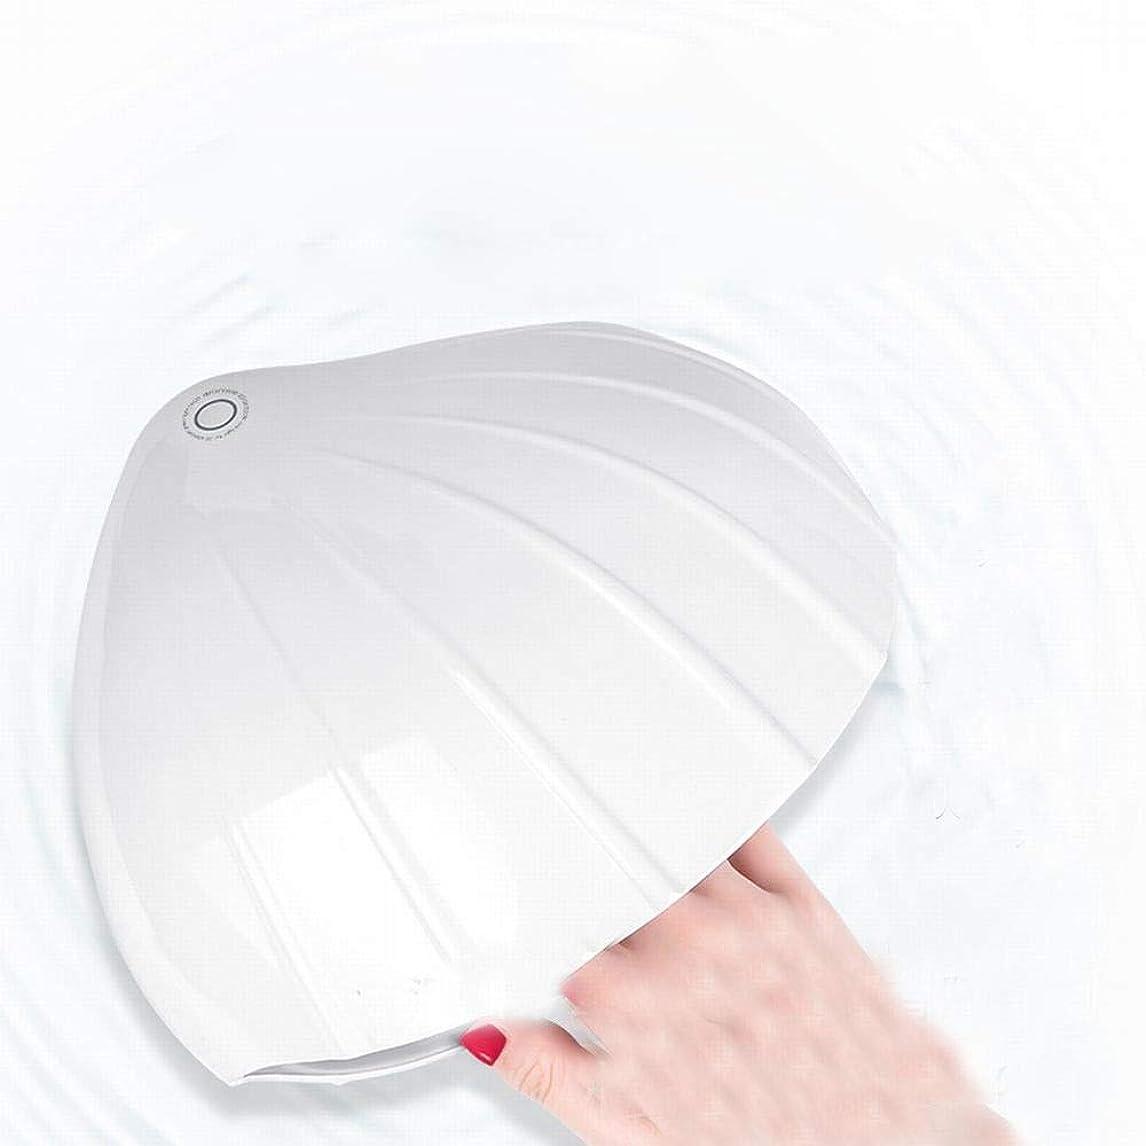 ピルファー戸棚シュートYESONEEP ネイル光線療法機ネイルポリッシュ光線療法ランプ家庭用ドライヤー速乾性ネイルランプスマートネイルランプ (Size : White)